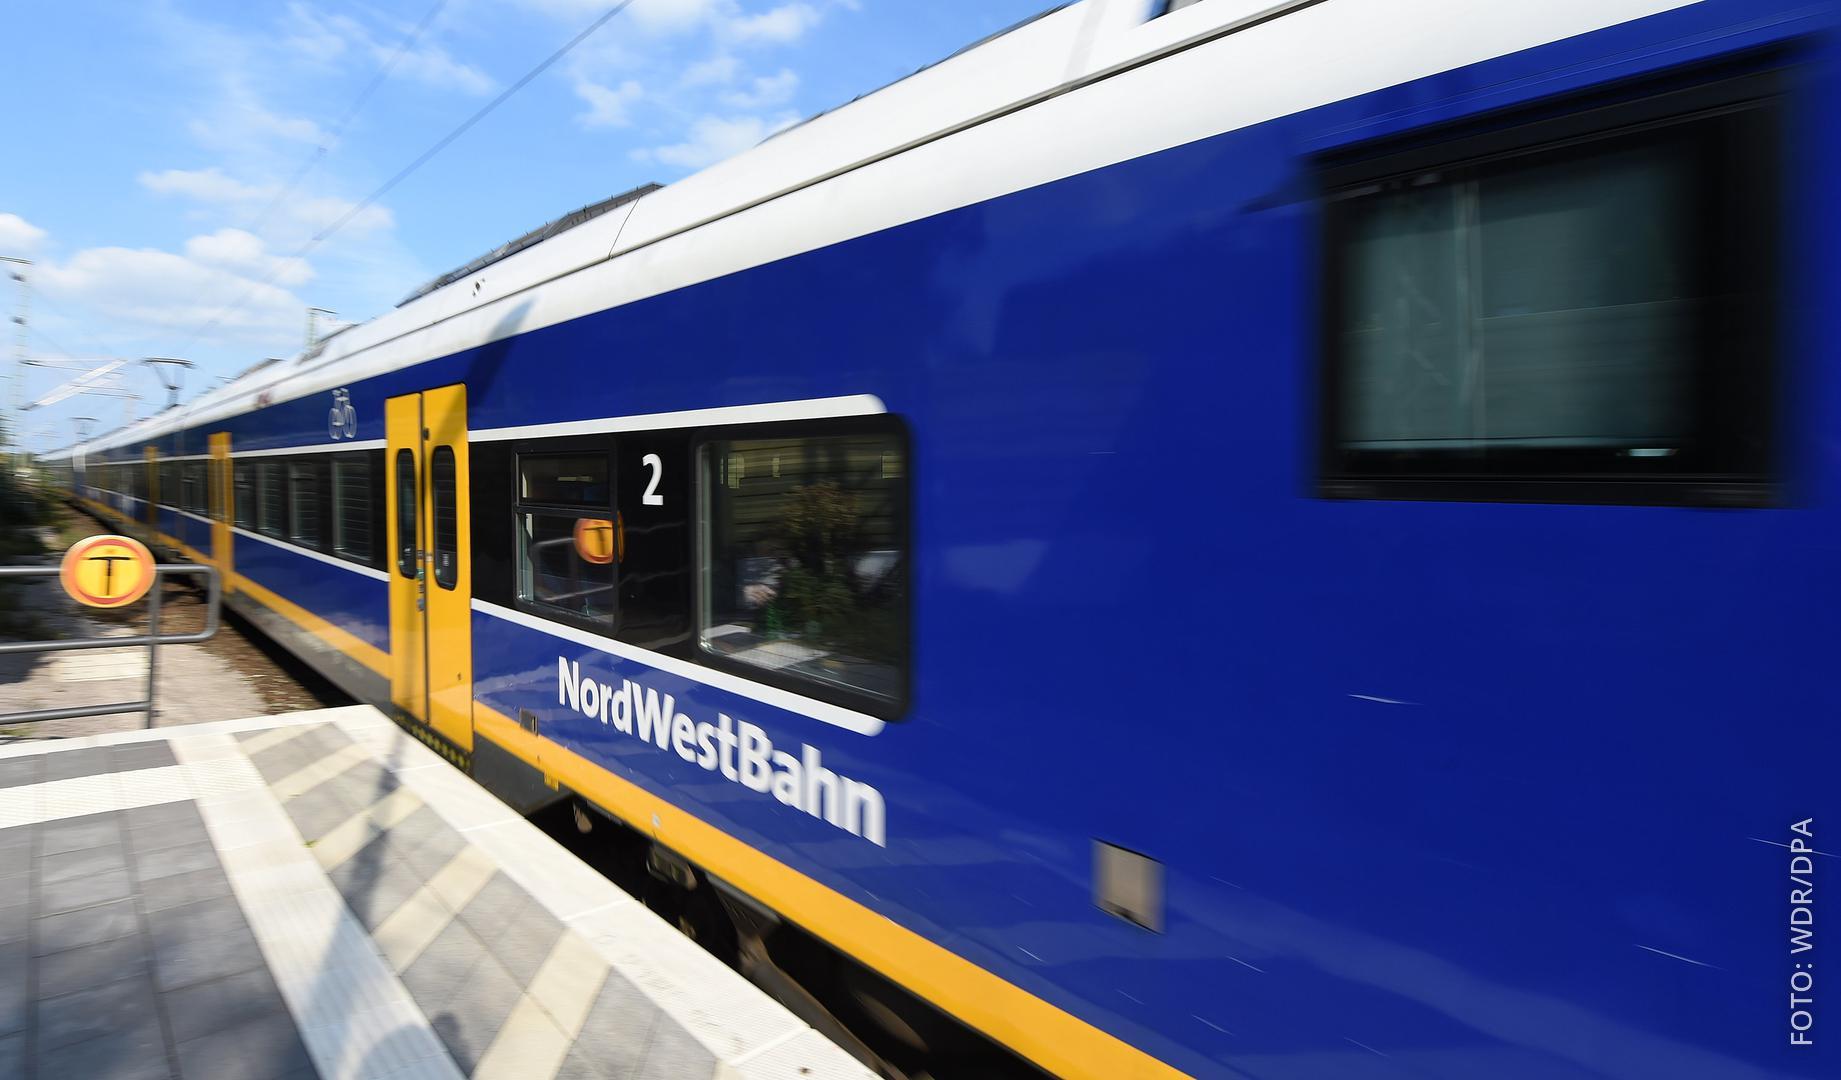 Ein Zug der Nordwestbahn fährt durch einen Bahnhof.